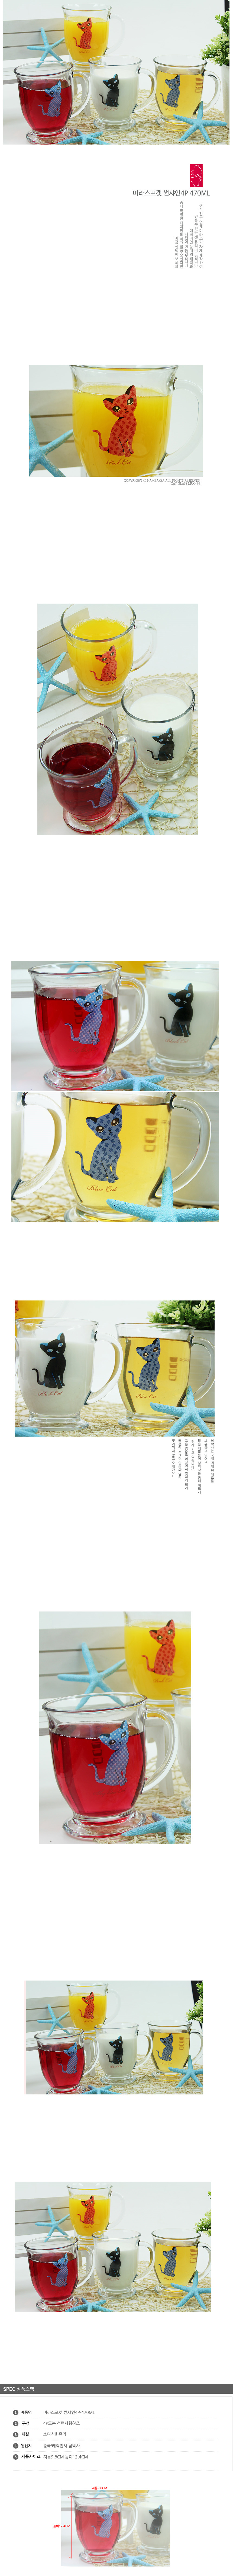 남박사 미라스포캣썬샤인머그4p - 남박사, 11,900원, 머그컵, 머그컵 세트